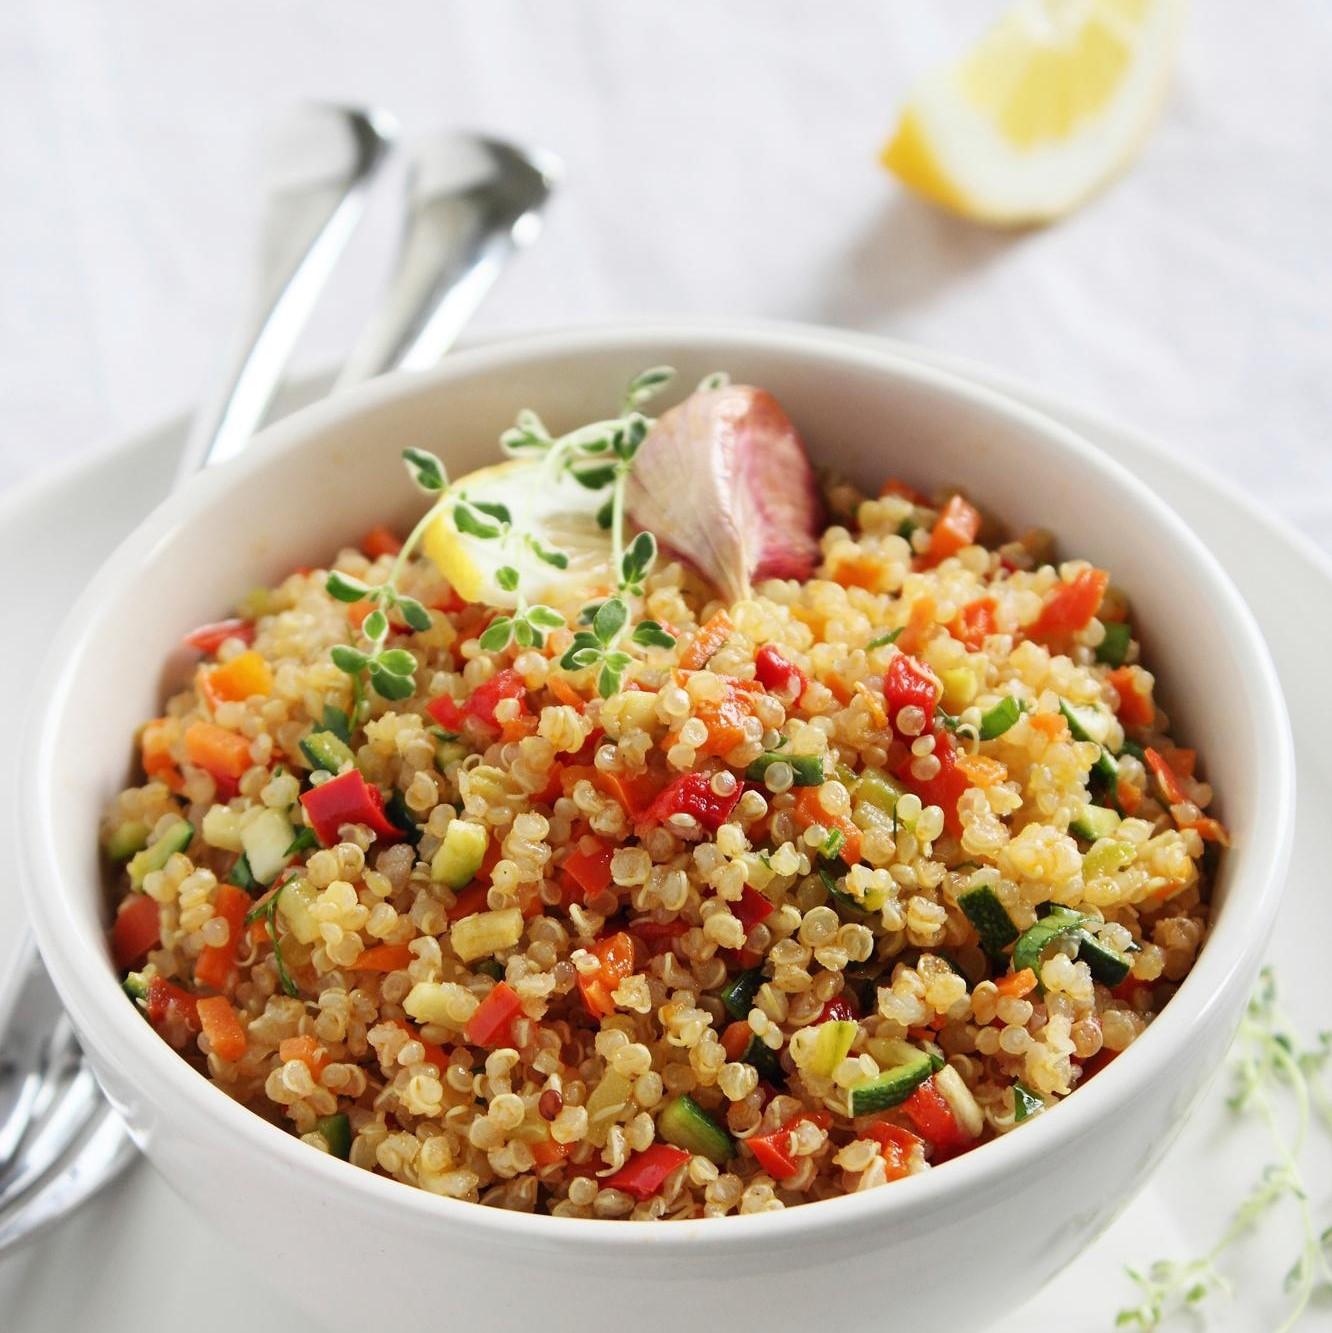 Recette : Salade de Quinoa au citron <br>